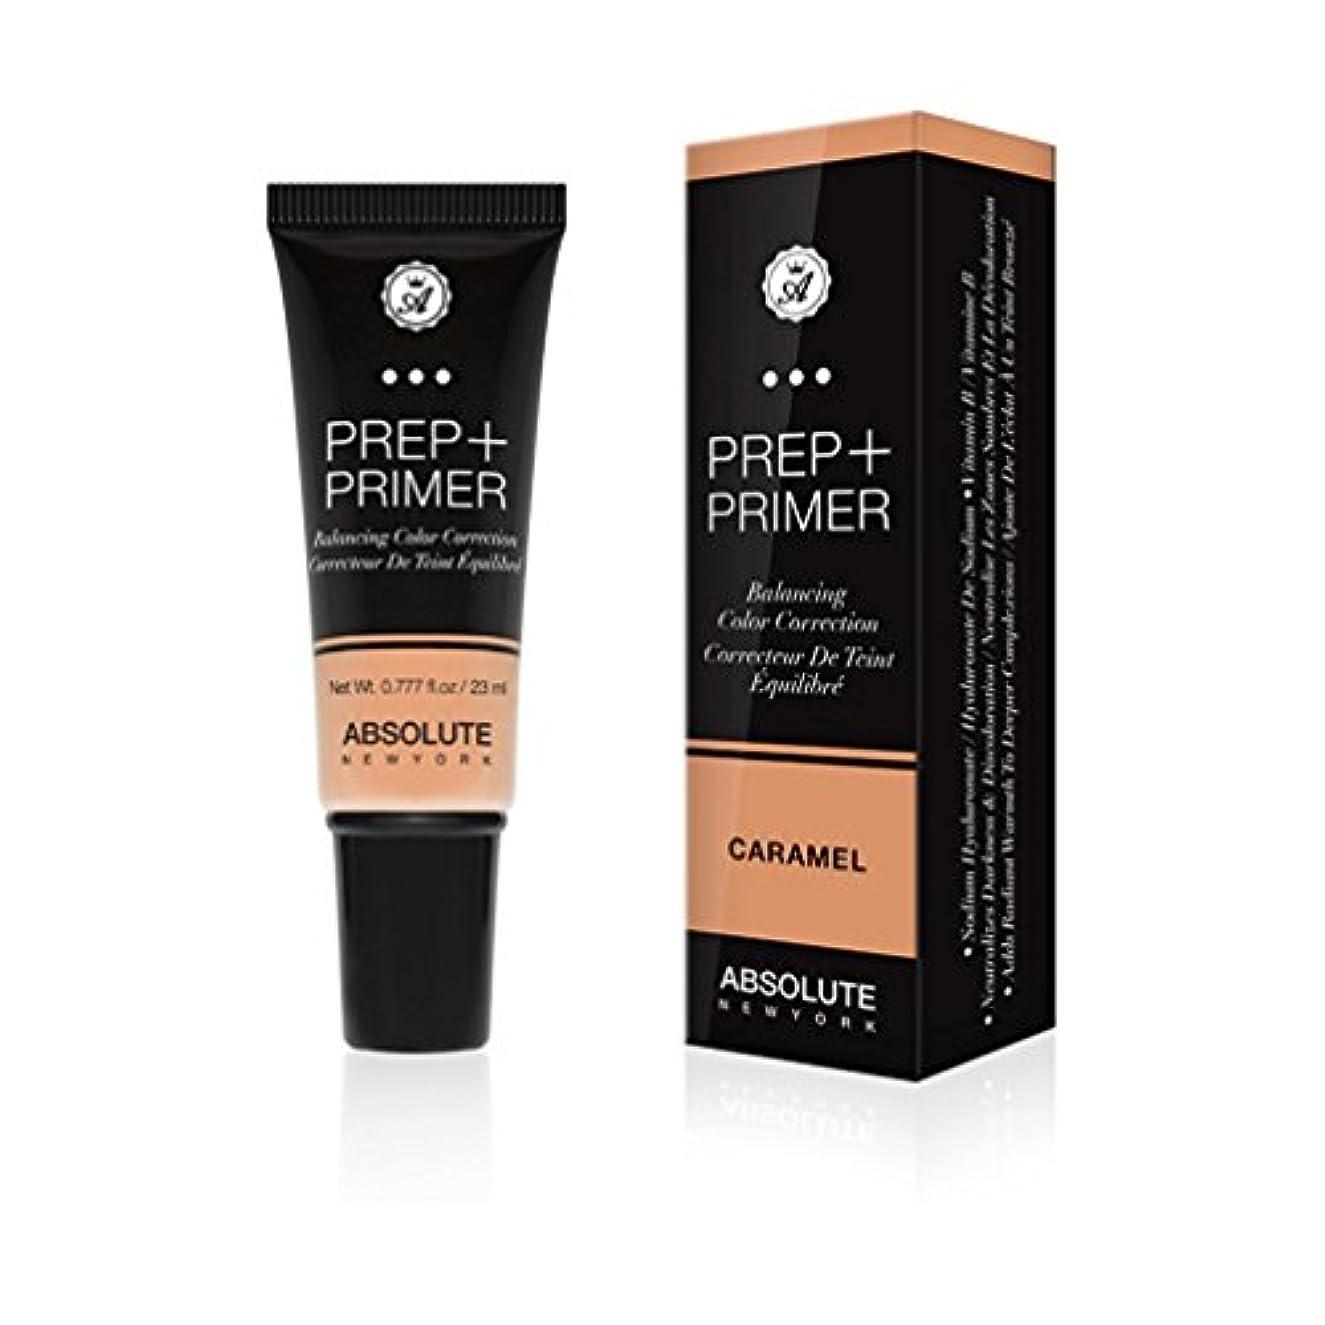 反応する小川近所の(3 Pack) ABSOLUTE Prep + Primer - Caramel (並行輸入品)